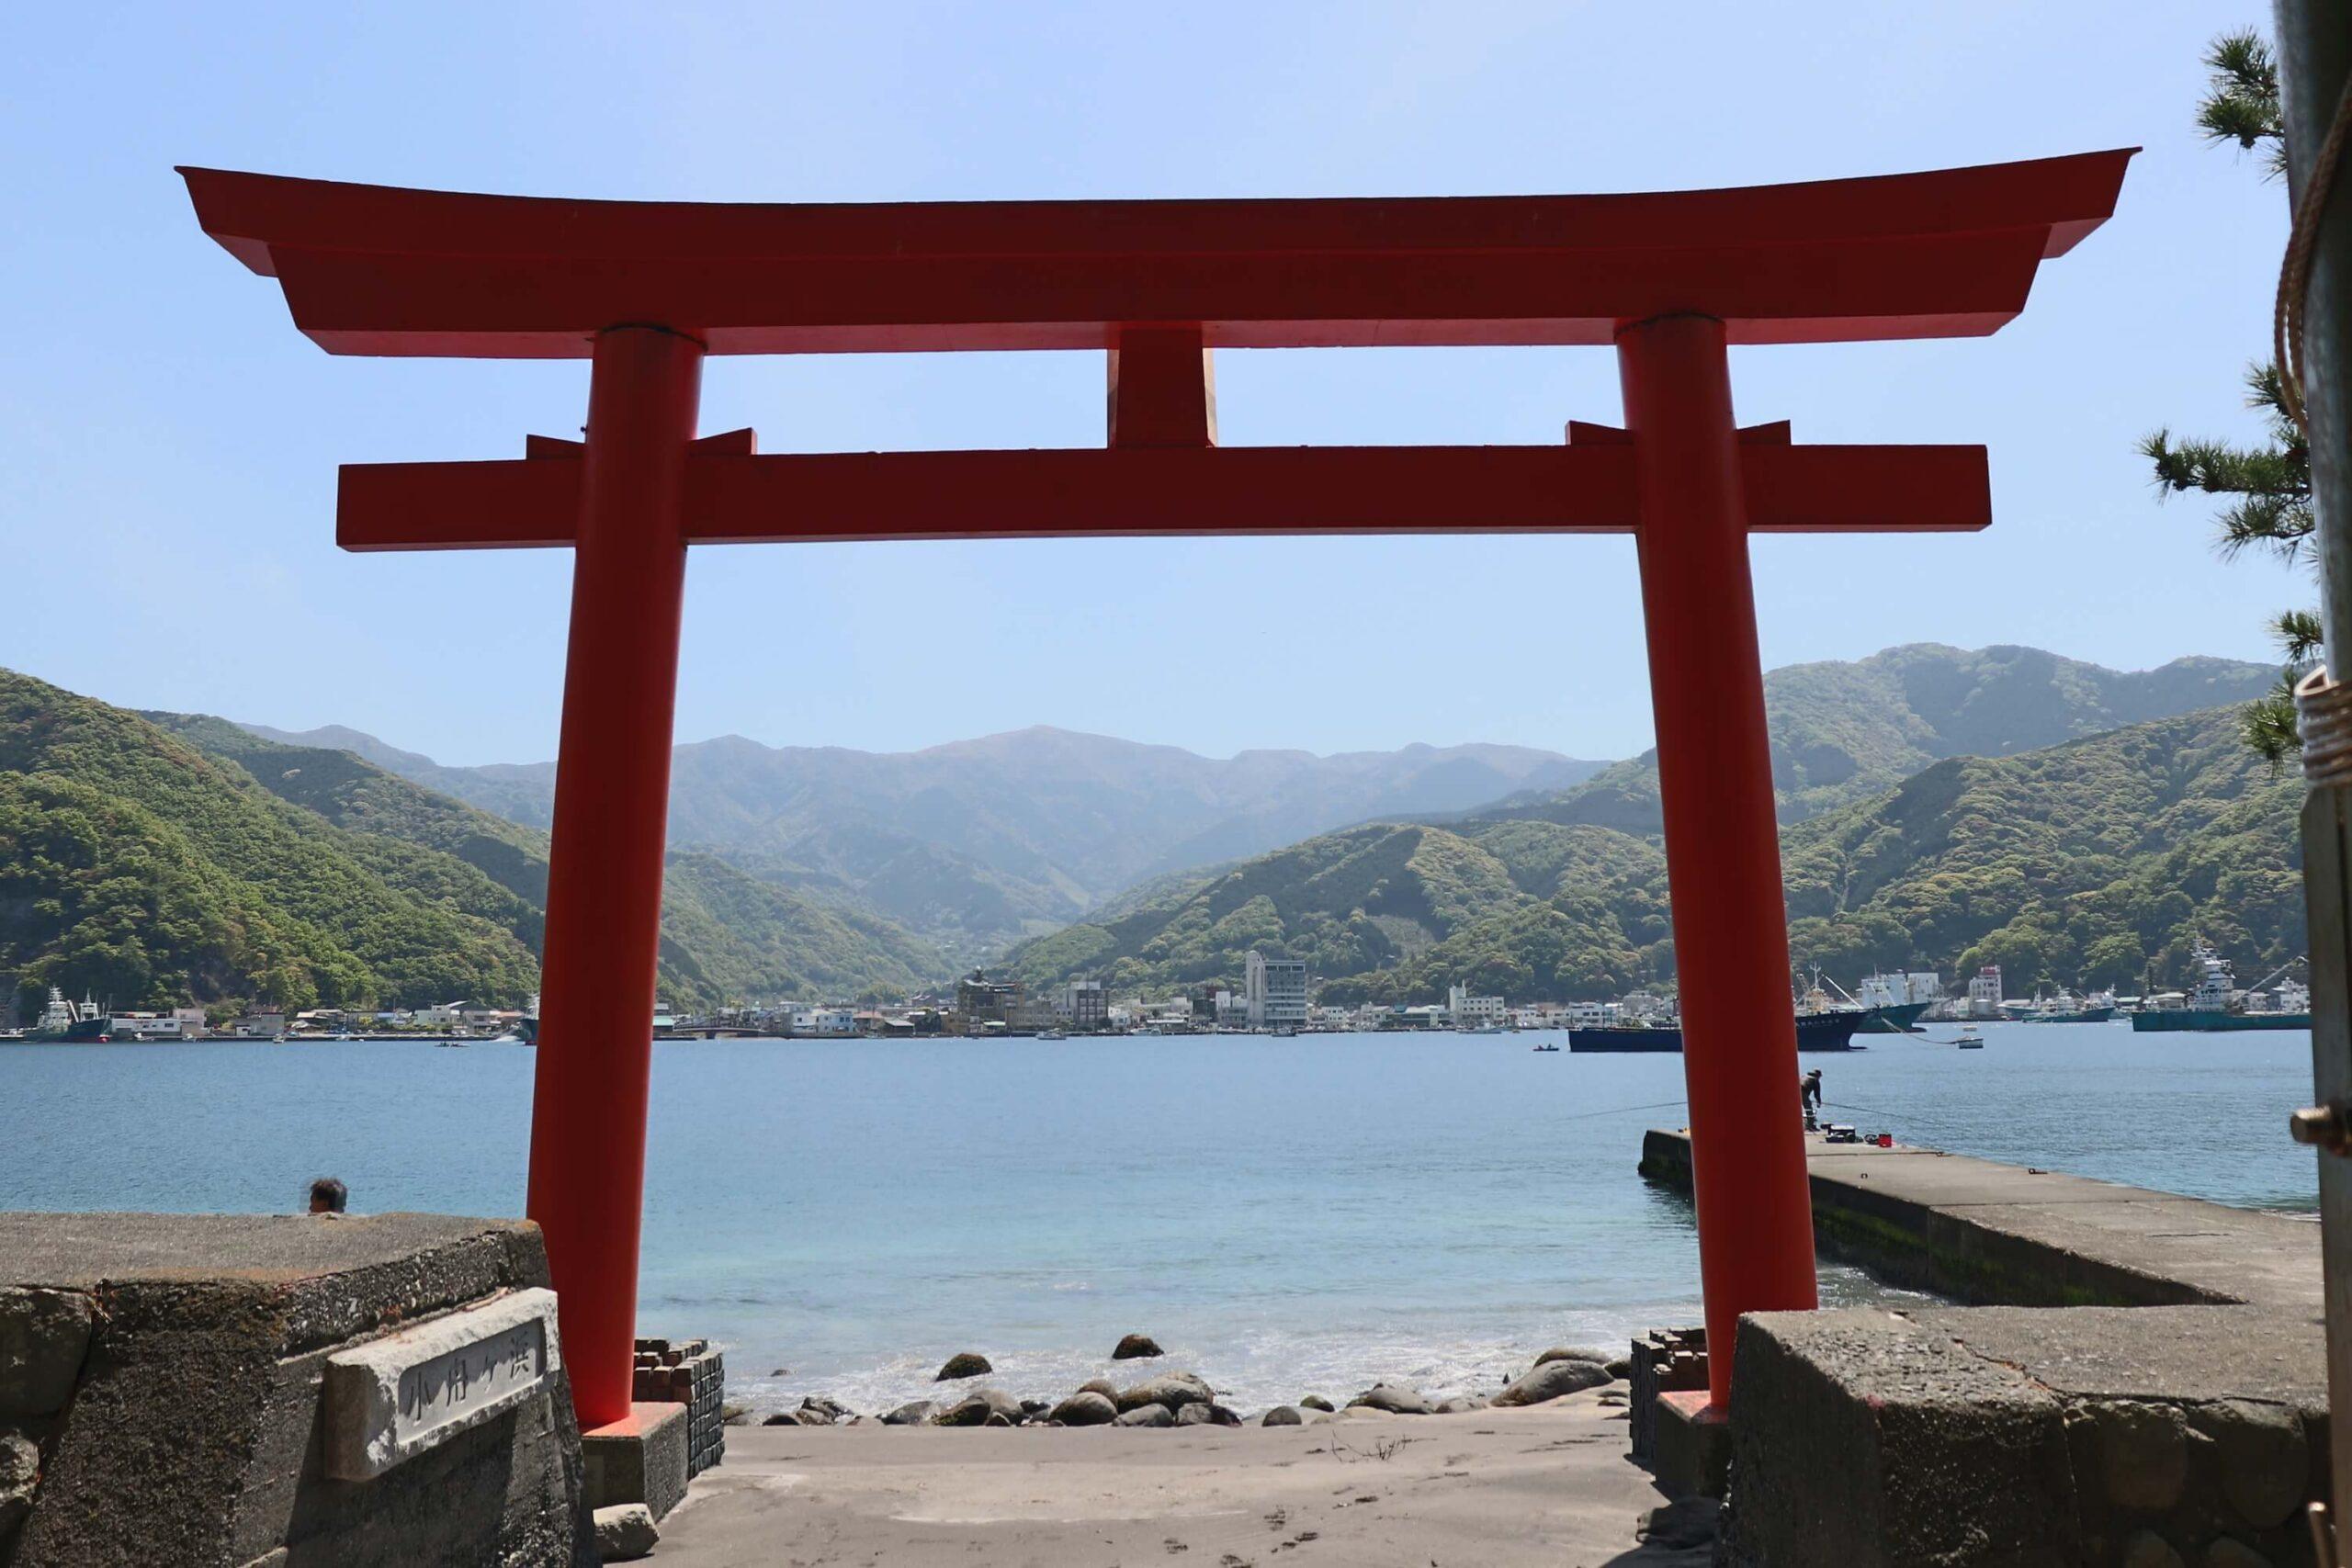 戸田御浜岬の諸口神社鳥居